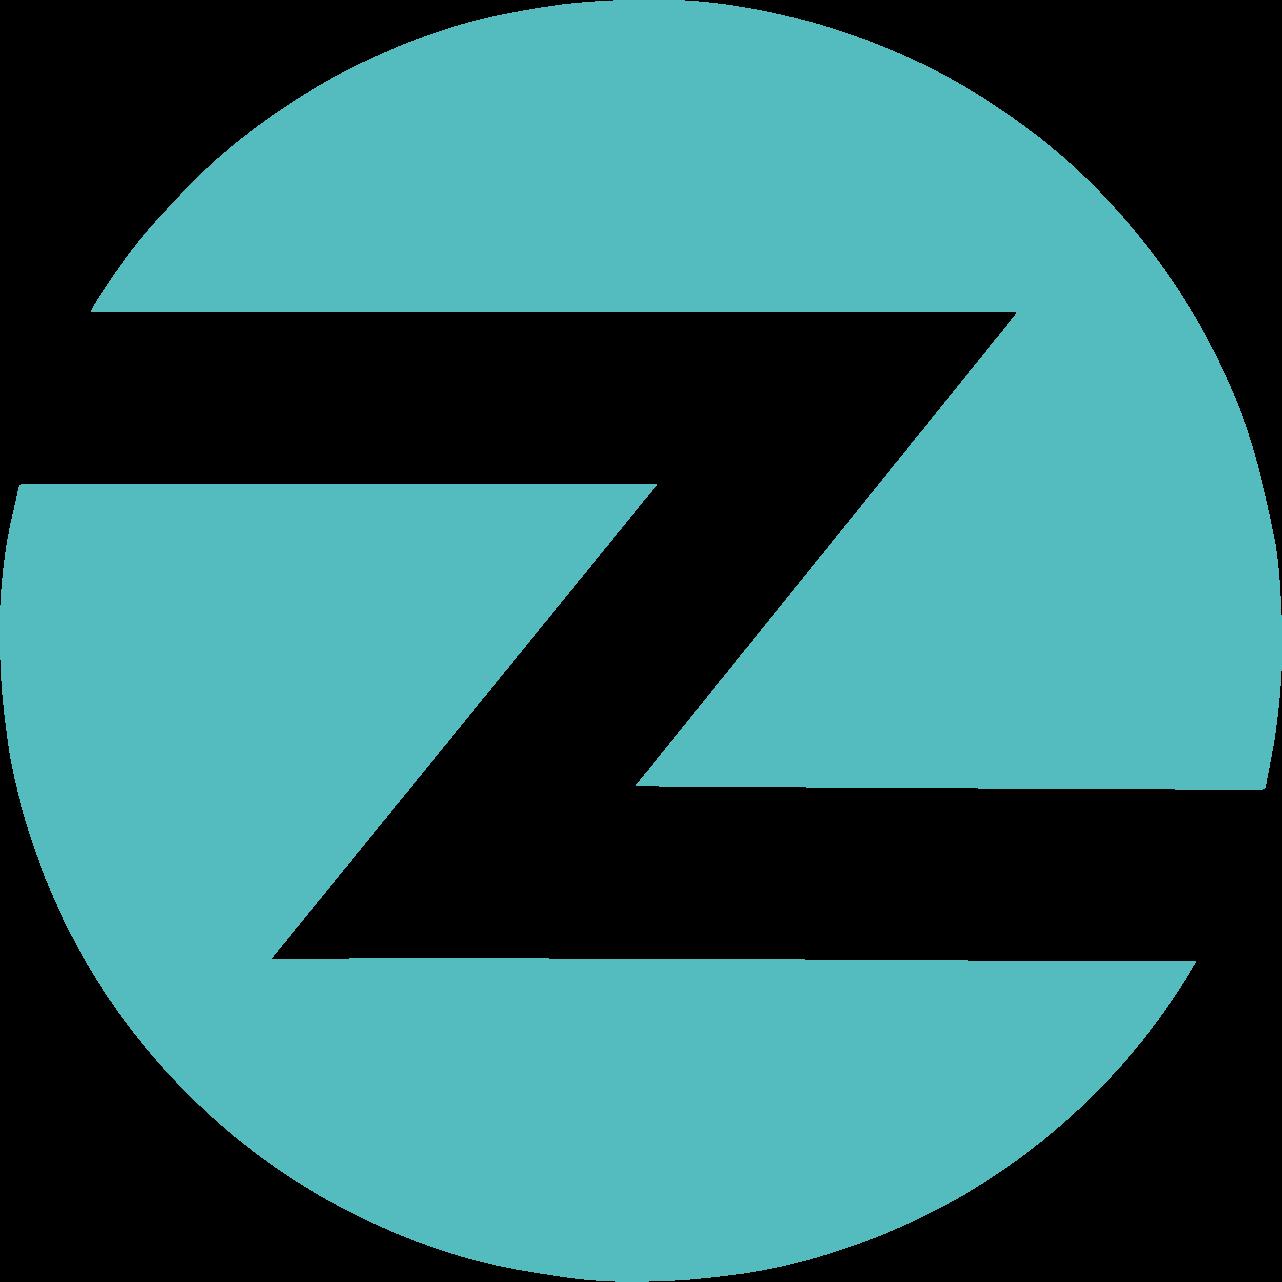 Zopto - отзывы, цена, альтернативы (аналоги, сравнения, стоимость услуг)